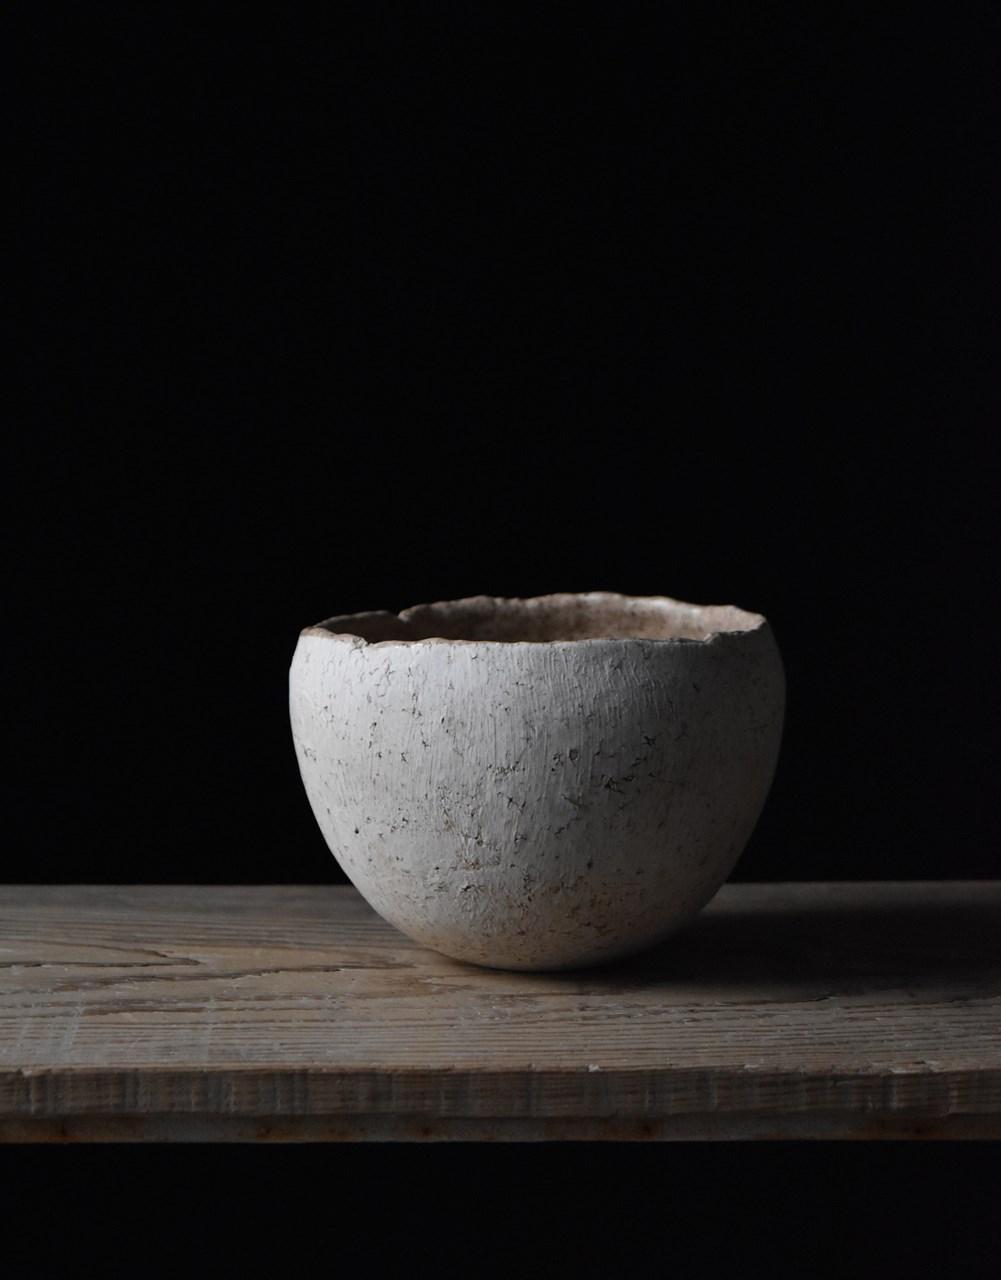 画像: 加彩という彩色を施した「加彩ボウル」は、独自の技法によるもの。内田鋼一さんは2018年度の日本陶磁協会賞を受賞した注目の作家